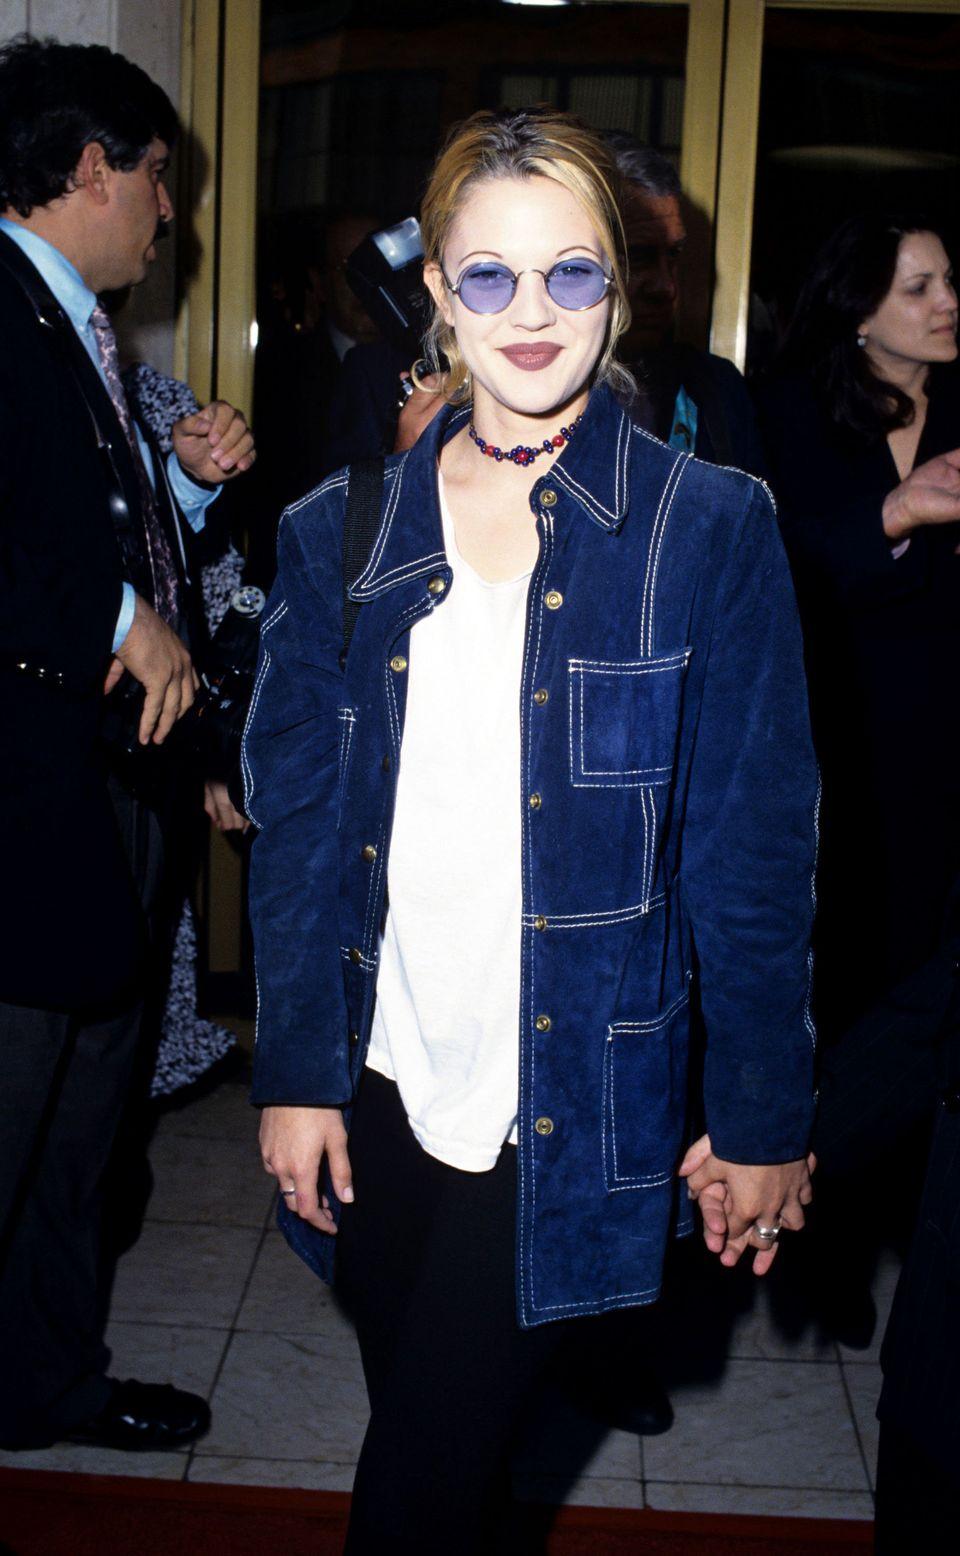 Biểu tượng thời trang Drew Barrymore năm 1993 trong trang phục cá tính